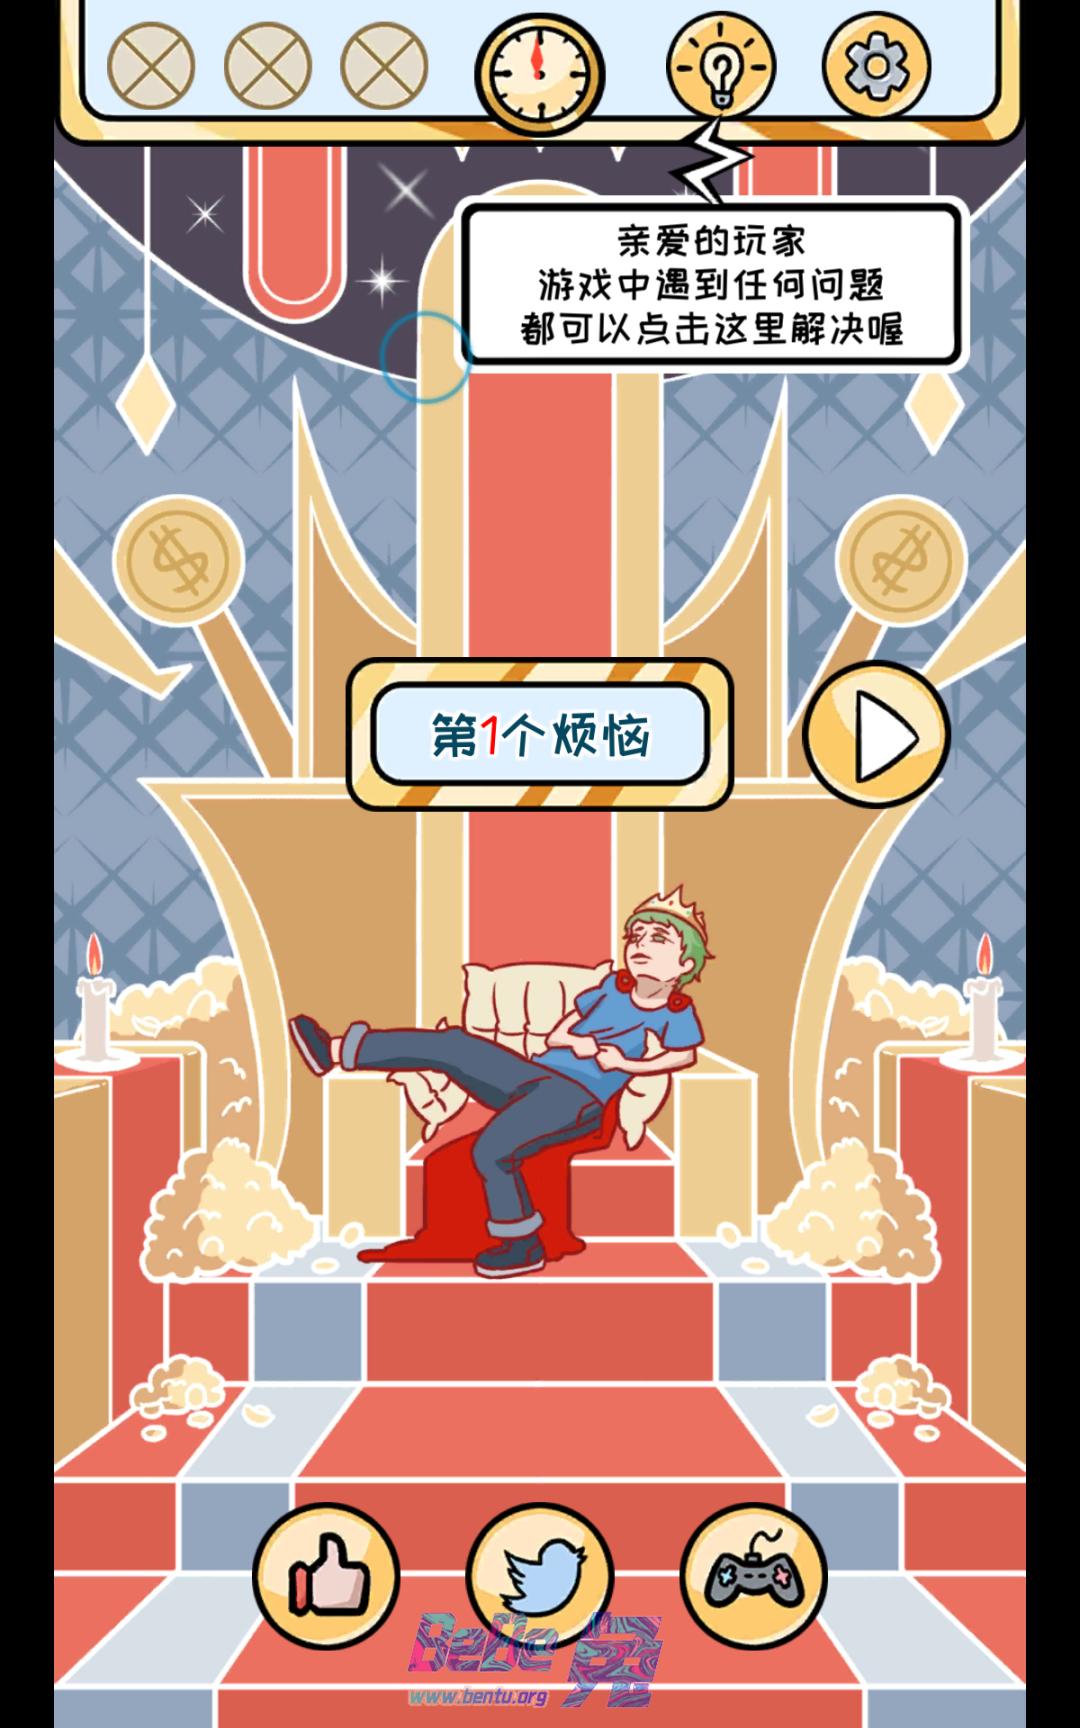 这款需要靠运气的游戏《欧皇的烦恼》最新版!